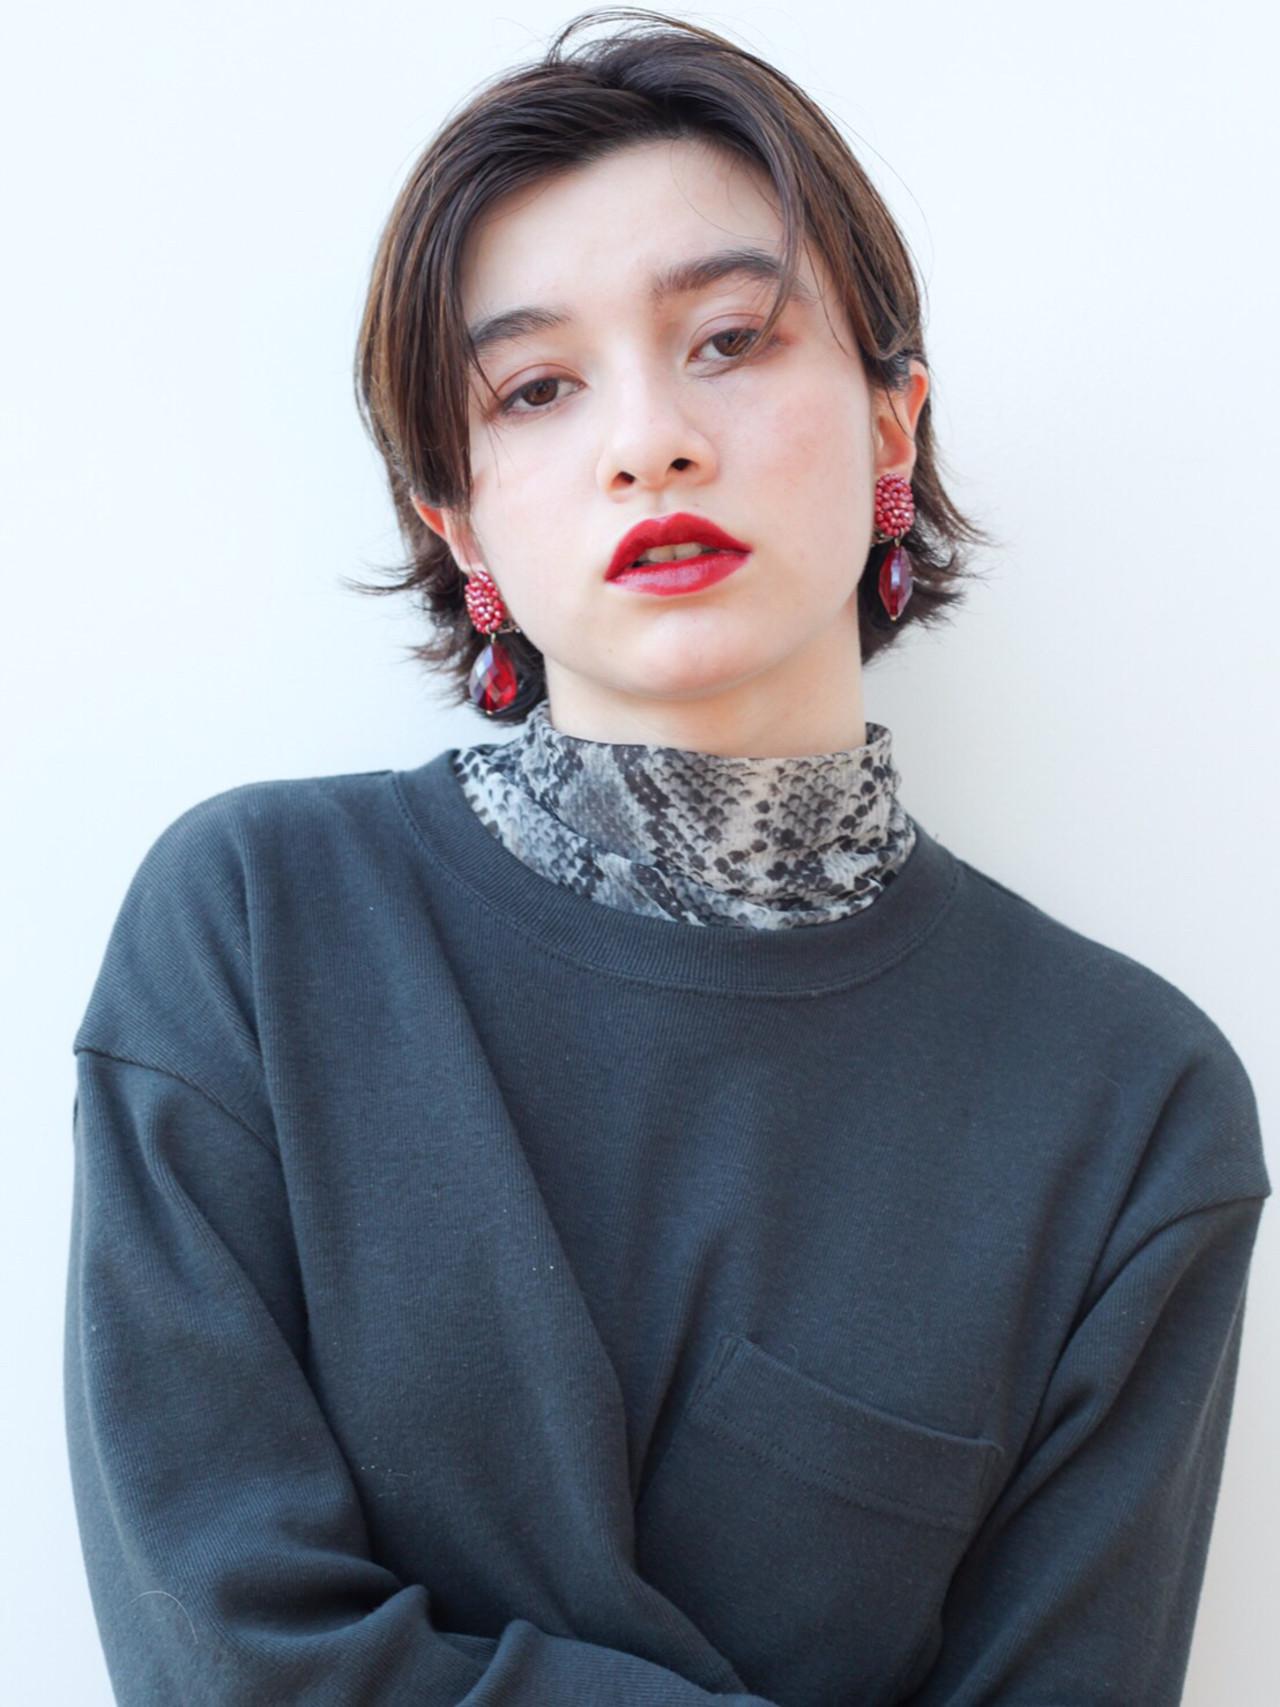 モード ミディアム 大人かわいい 外ハネ ヘアスタイルや髪型の写真・画像 | HIROKI / roijir / roijir